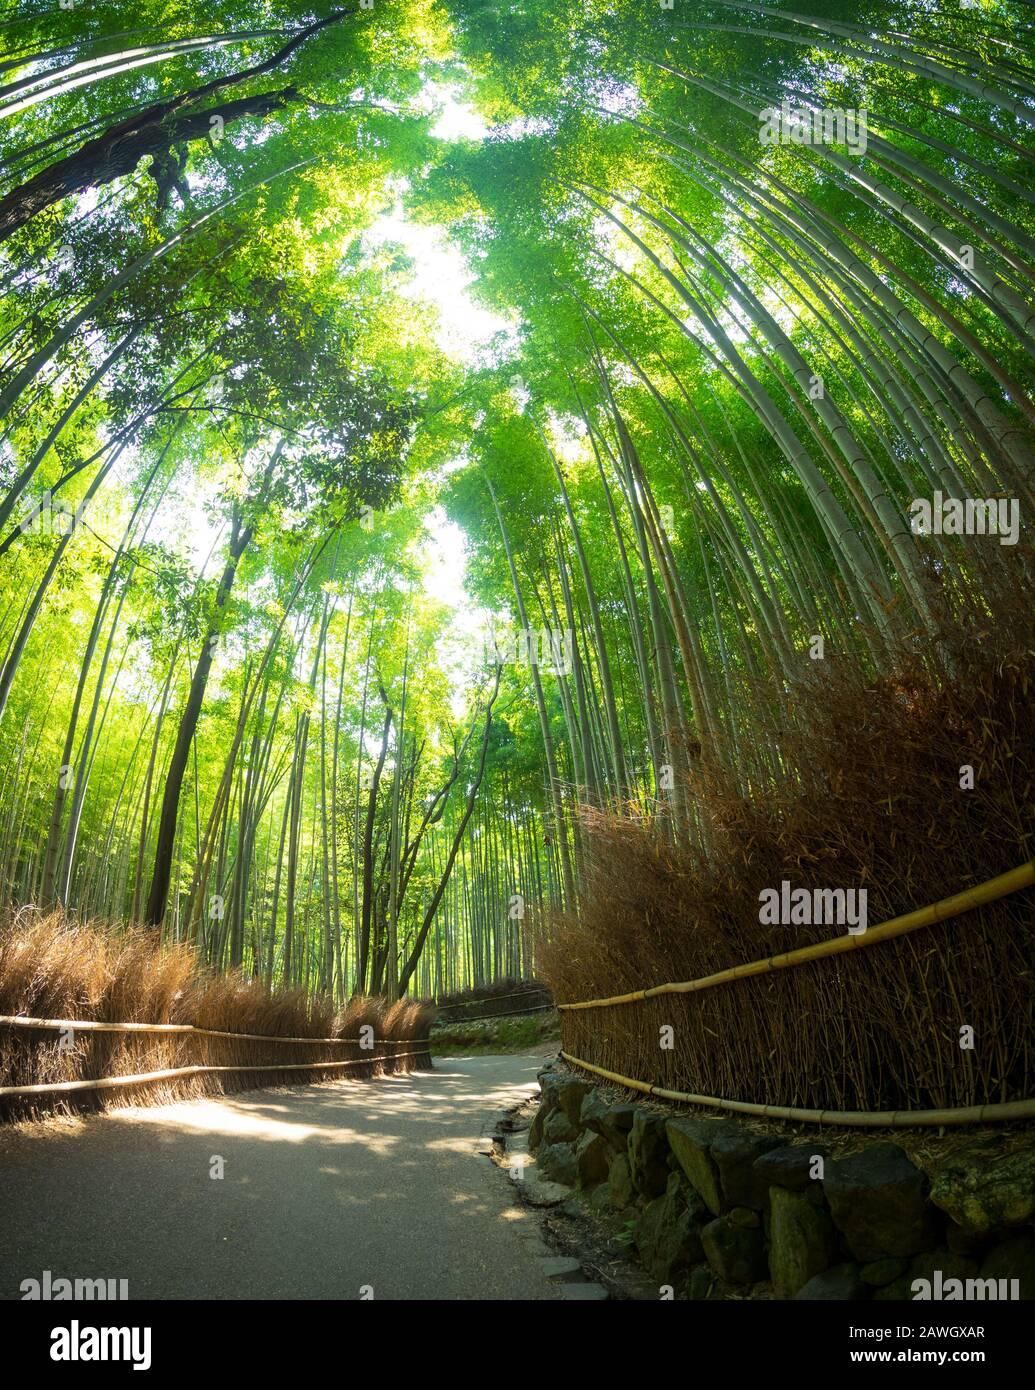 A fisheye, wide angle view of the Sagano Bamboo Forest (Arashiyama Bamboo Grove), a popular attraction in Arashiyama, Kyoto, Japan. Stock Photo